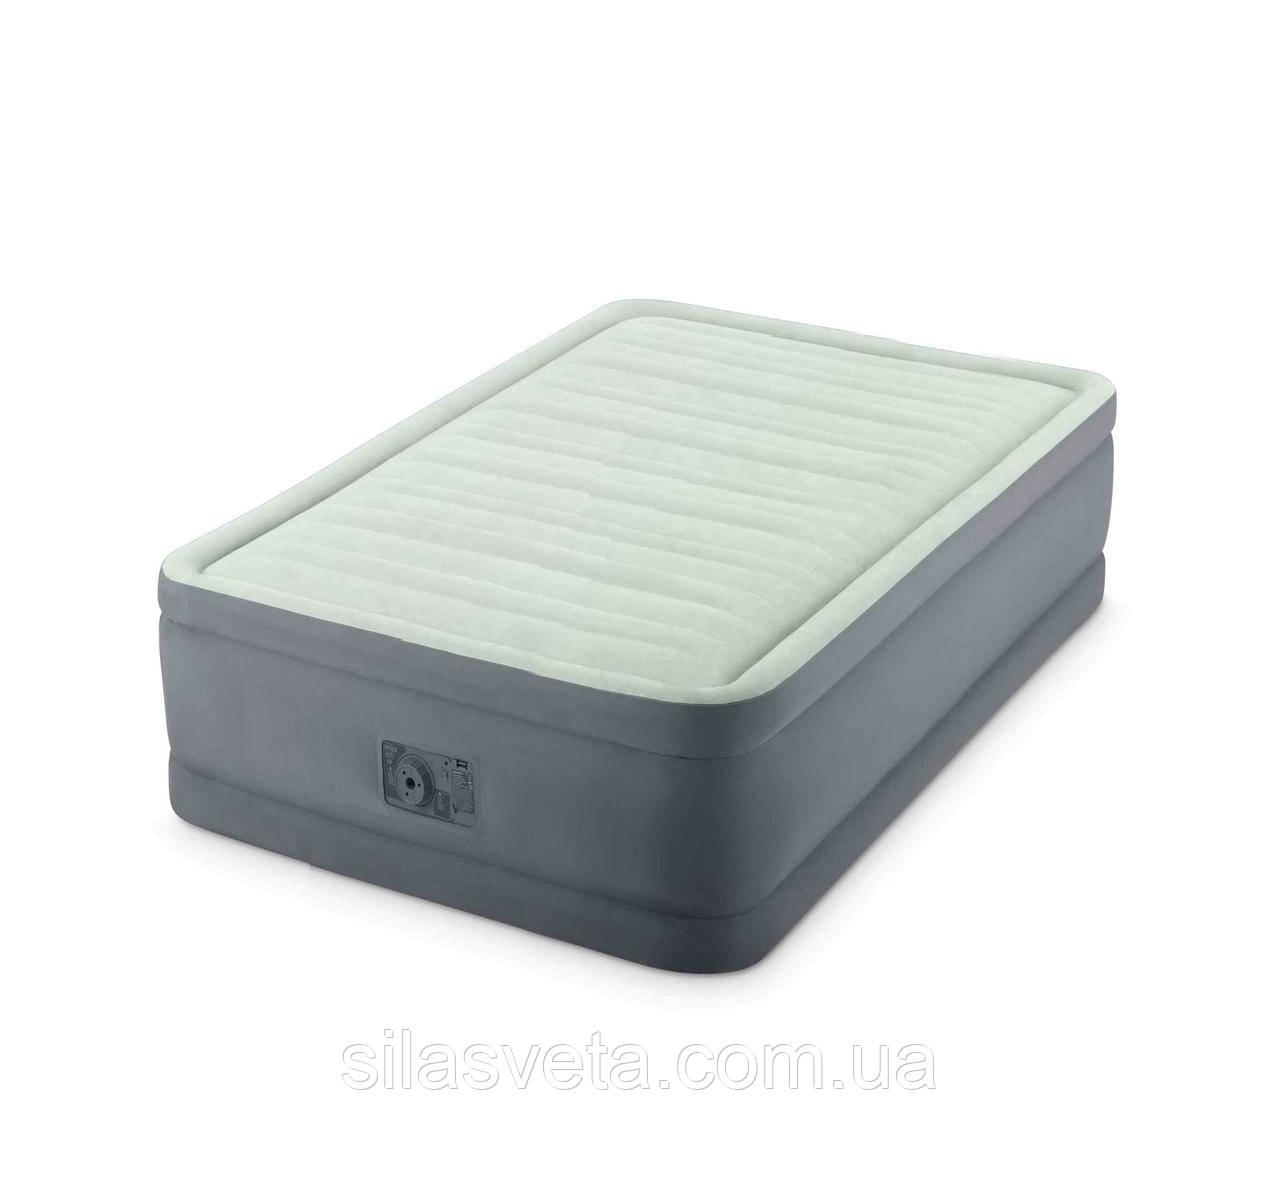 Полуторная надувная кровать, Intex 64904 PremAire со встроенным электронасосом, 137x191x46 см